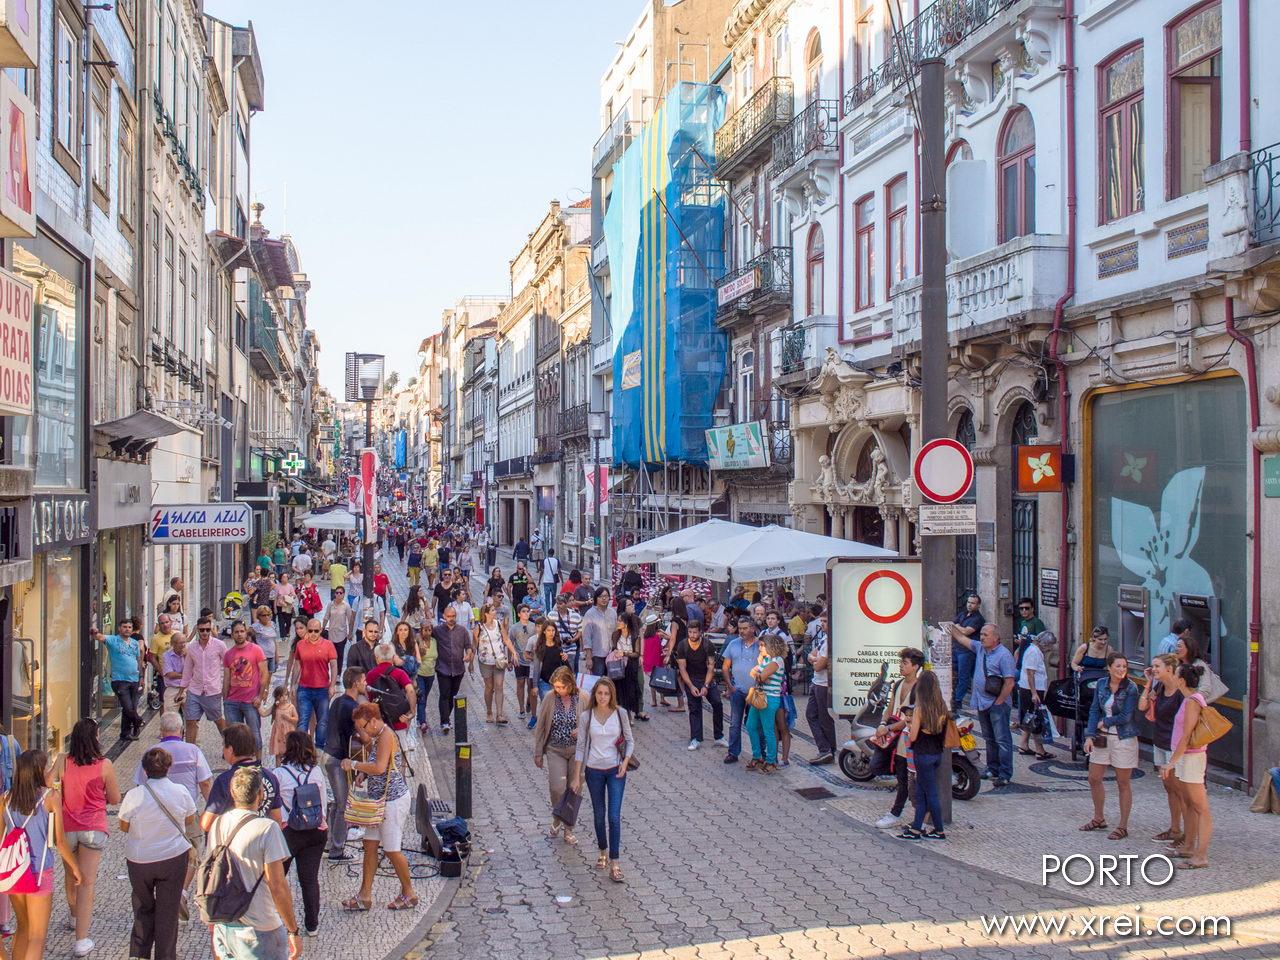 La Rua de Santa Catarina, una calle comercial al aire libre, es una de las calles más nobles y concurridas de Oporto.